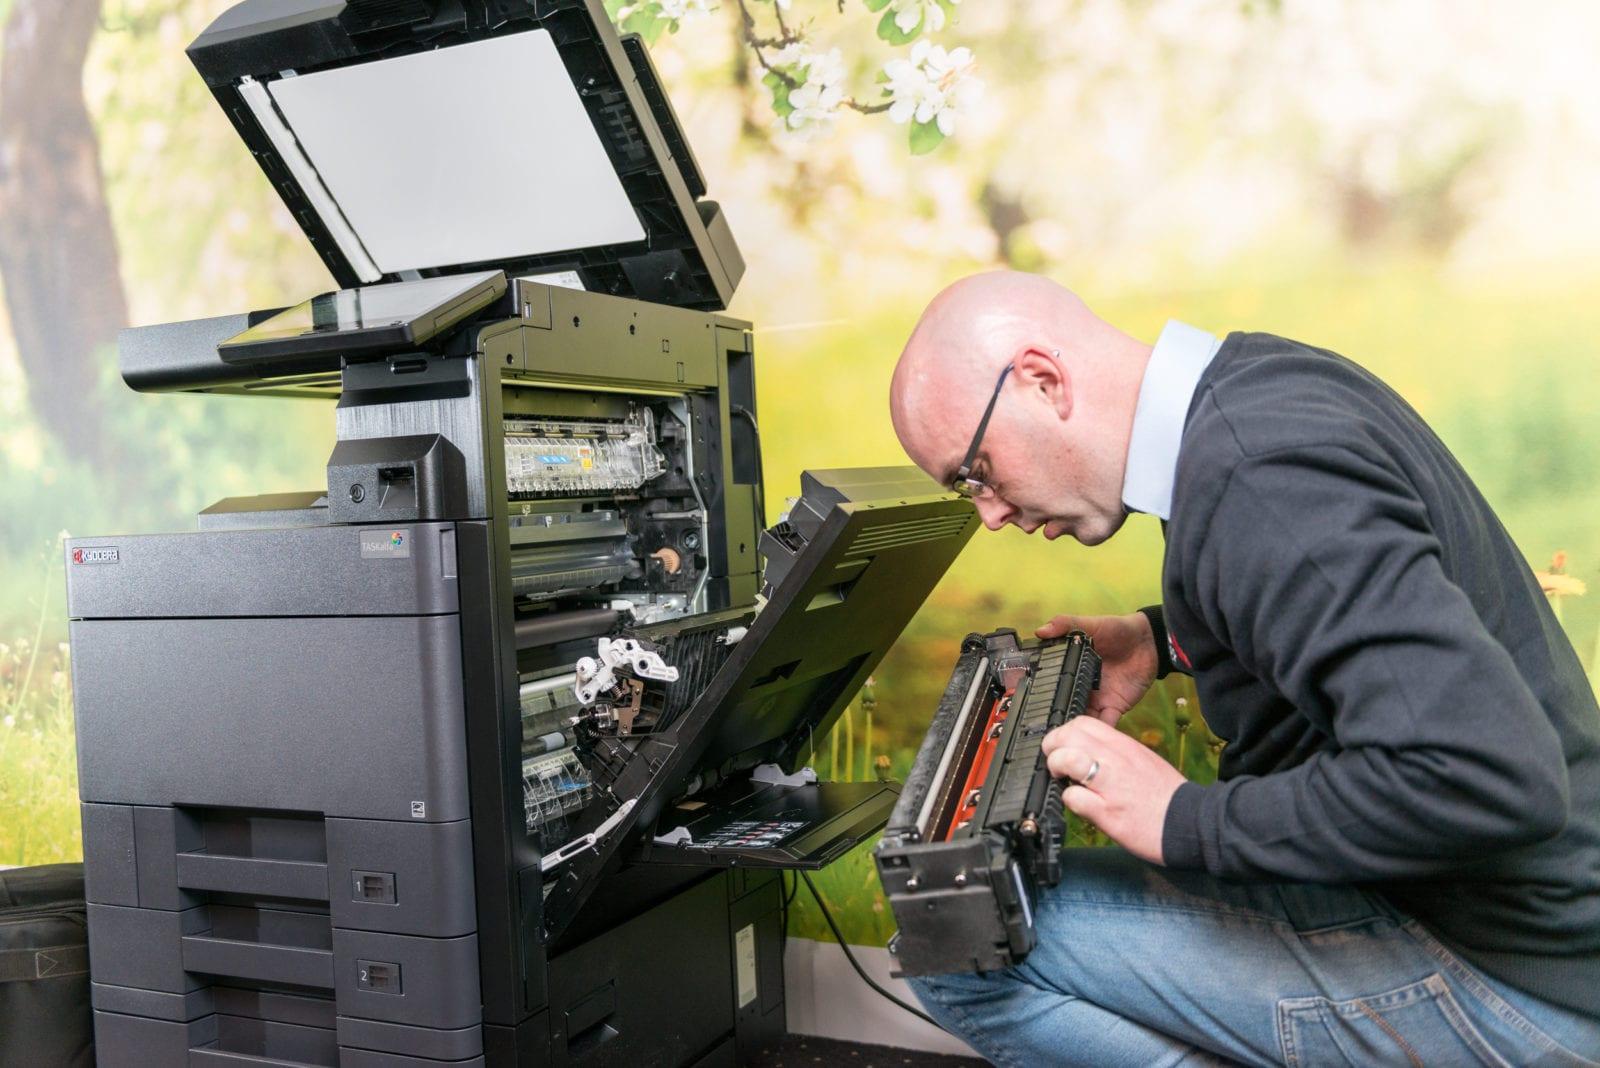 Storingen in de printer oplossen technische dienst van ISO Groep